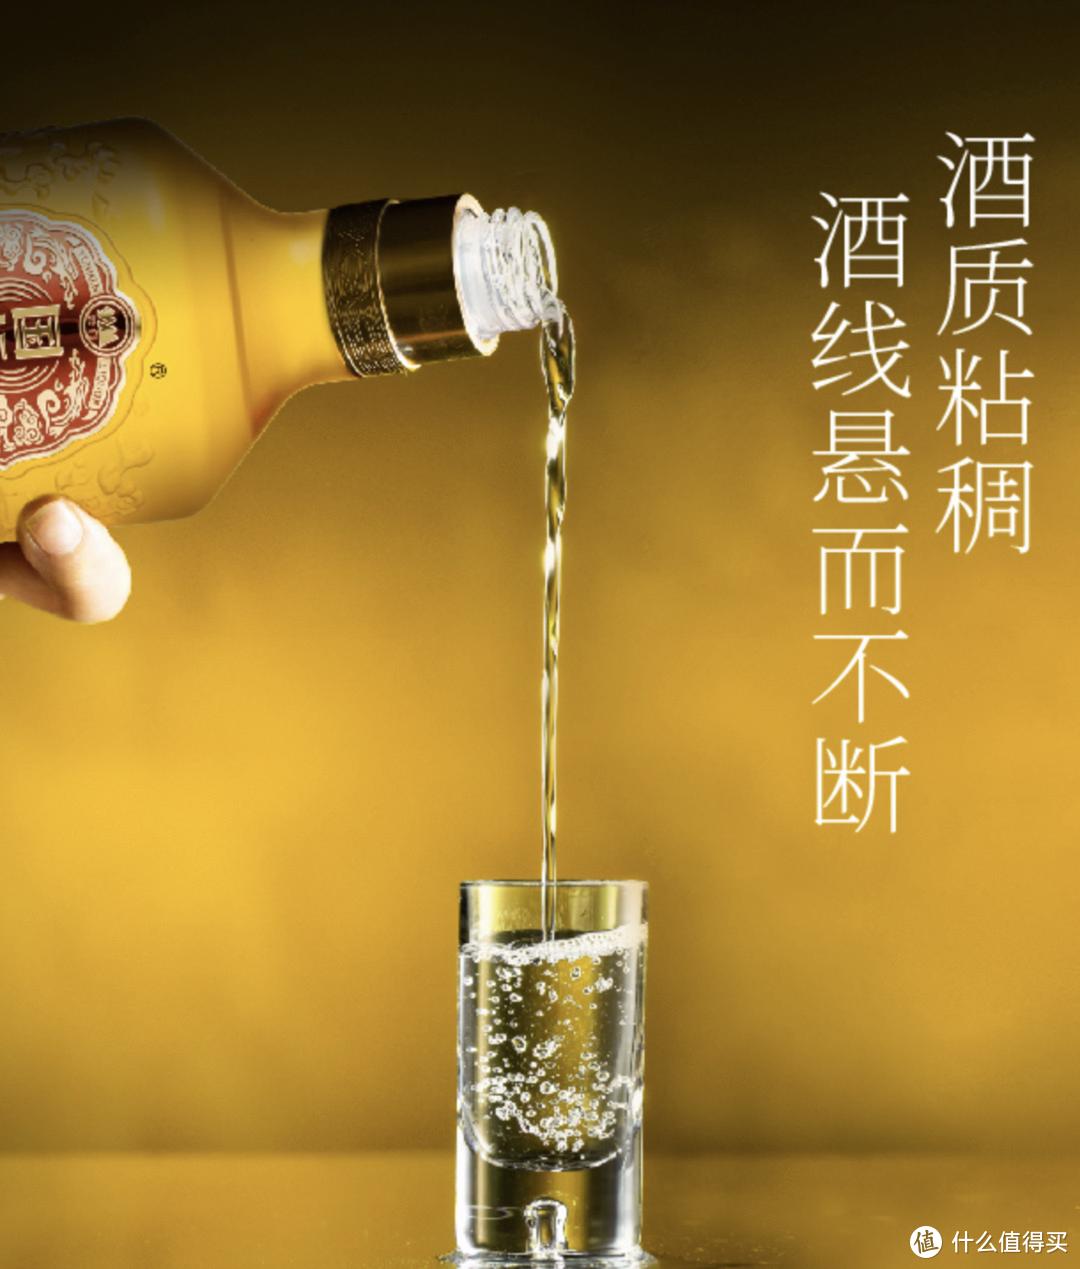 能饮一杯无? 山东省内各地区白酒品牌图鉴